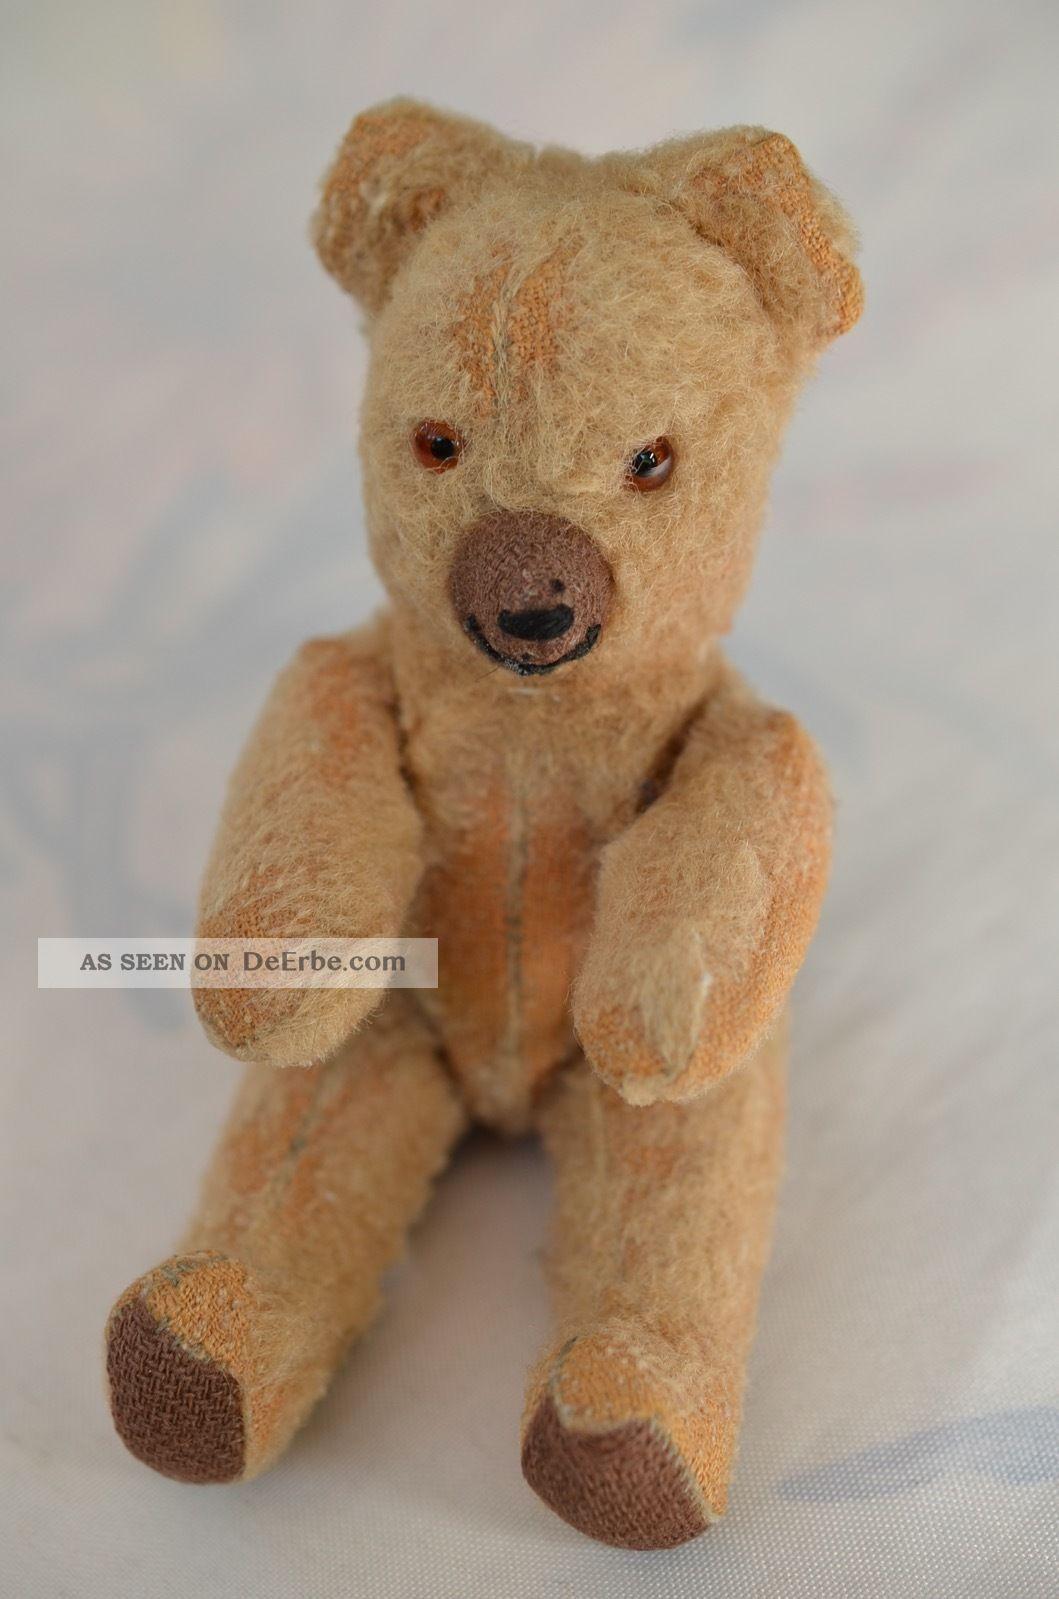 Alter Antiker Teddy Mit Scheibengelenken Vorkrieg 30er Jahre Stofftiere & Teddybären Bild